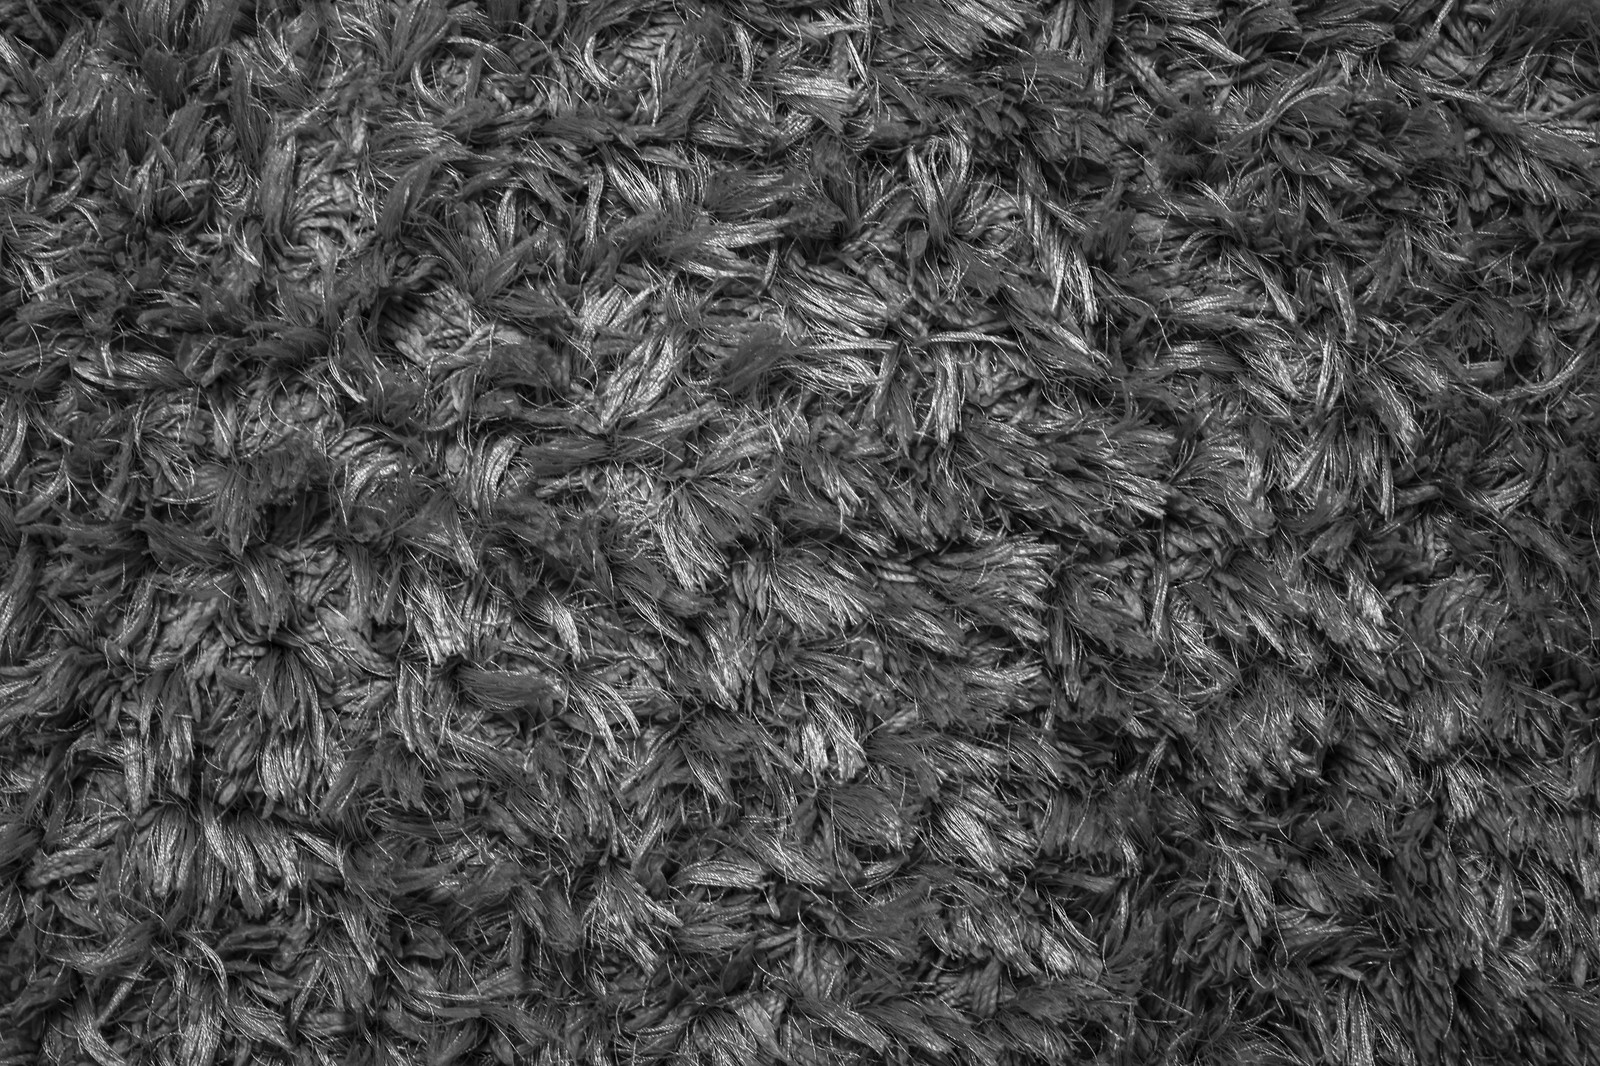 「モノクロの絨毯(テクスチャ)」の写真